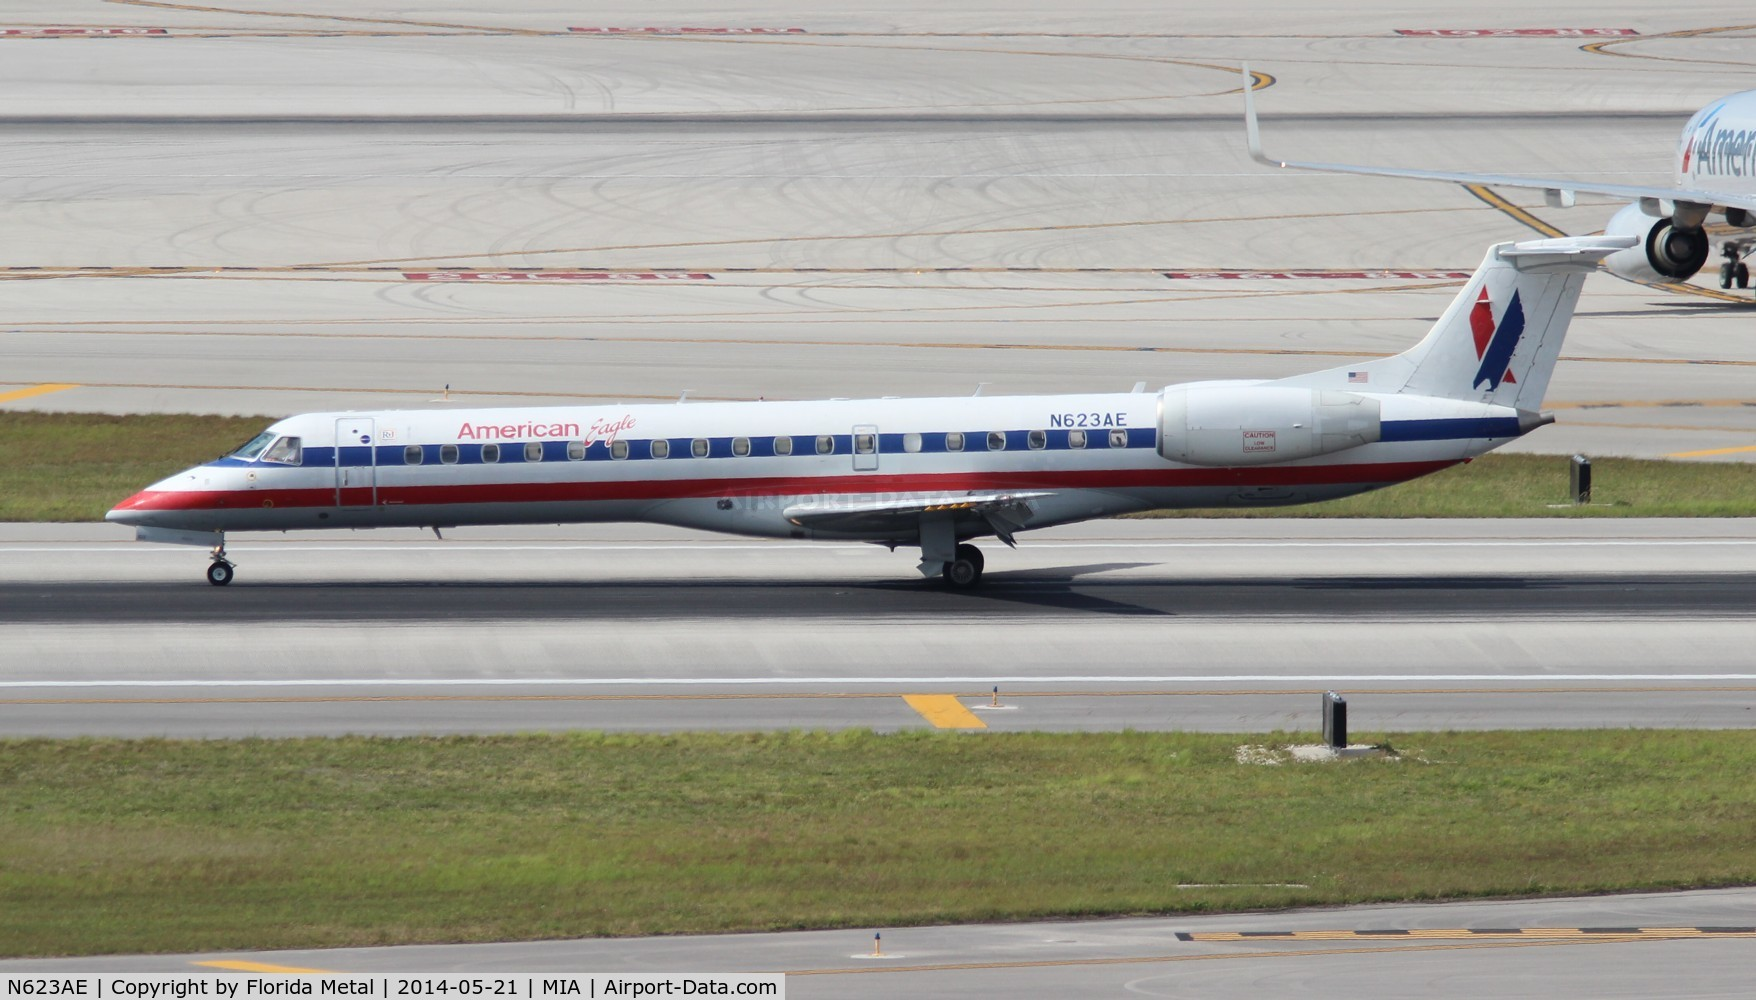 N623AE, 1999 Embraer EMB-145LR C/N 145109, American Eagle